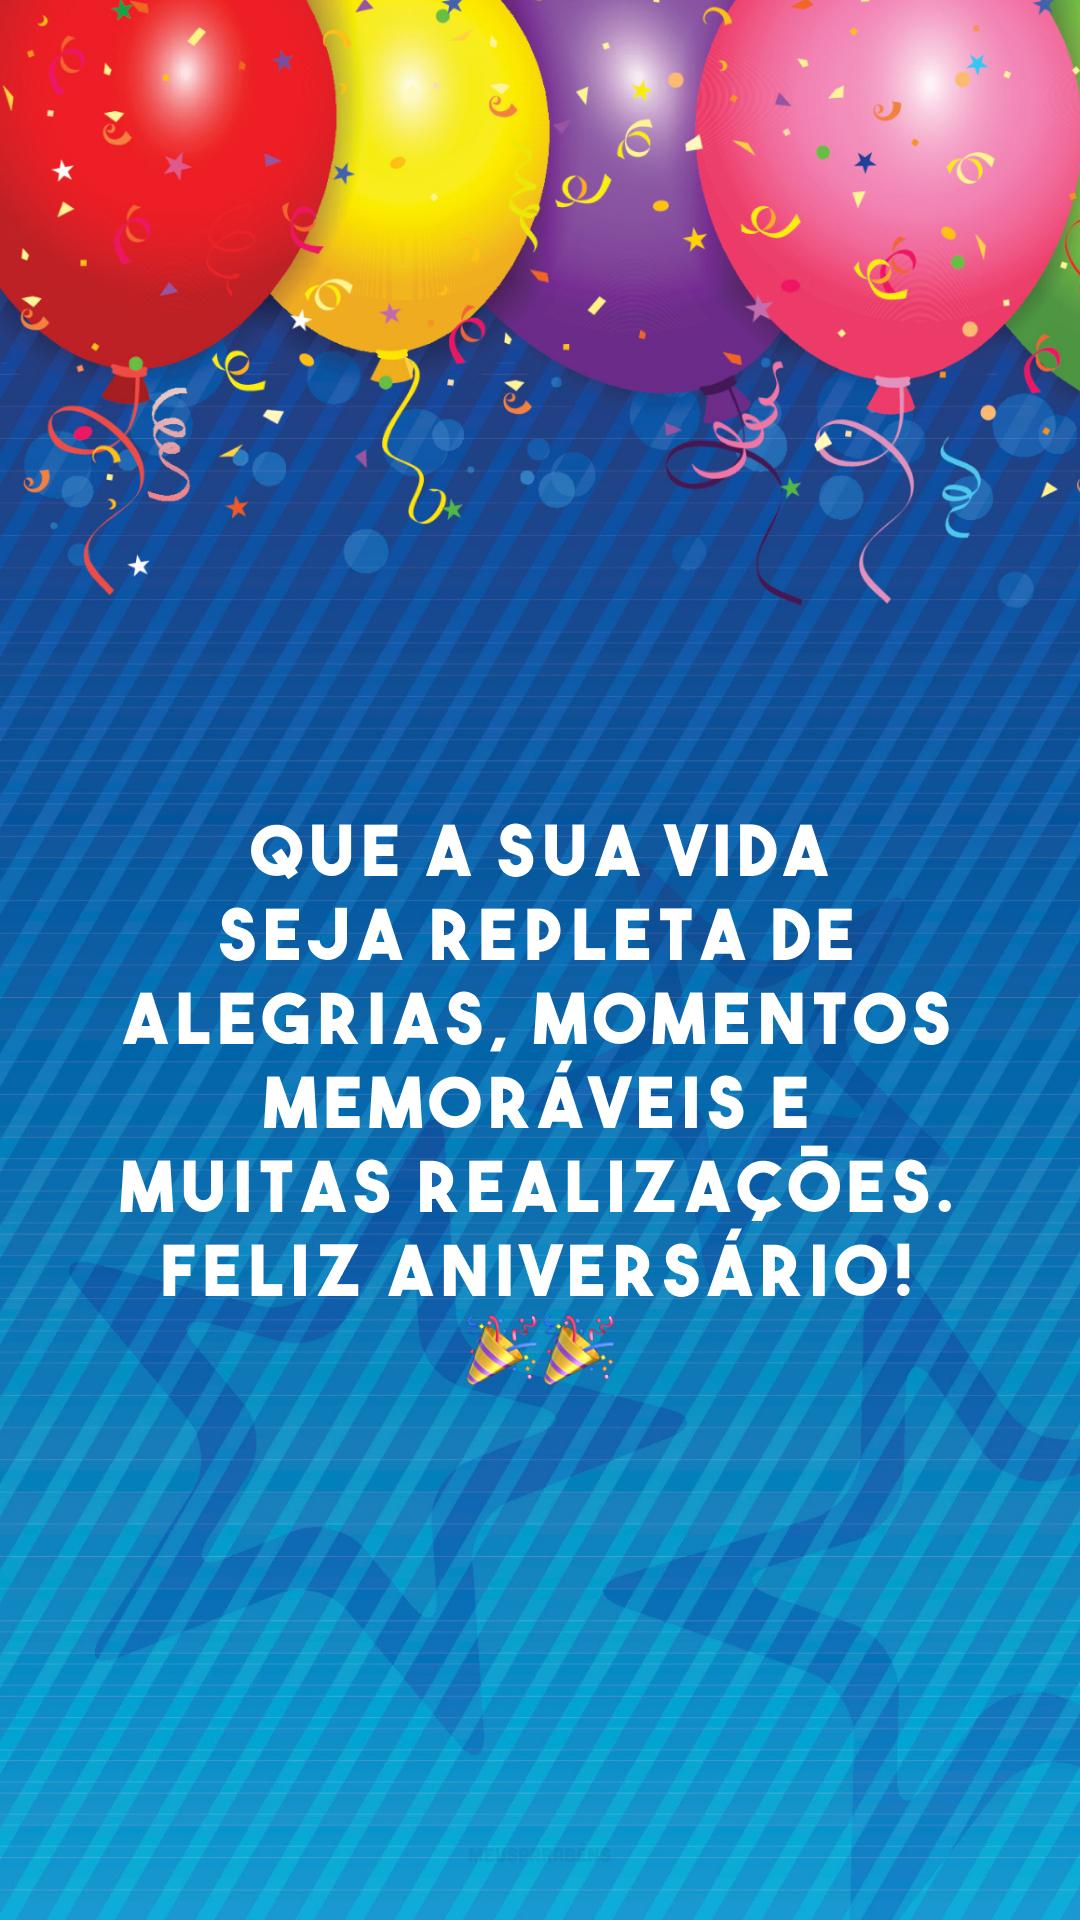 Que a sua vida seja repleta de alegrias, momentos memoráveis e muitas realizações. Feliz aniversário! 🎉🎉